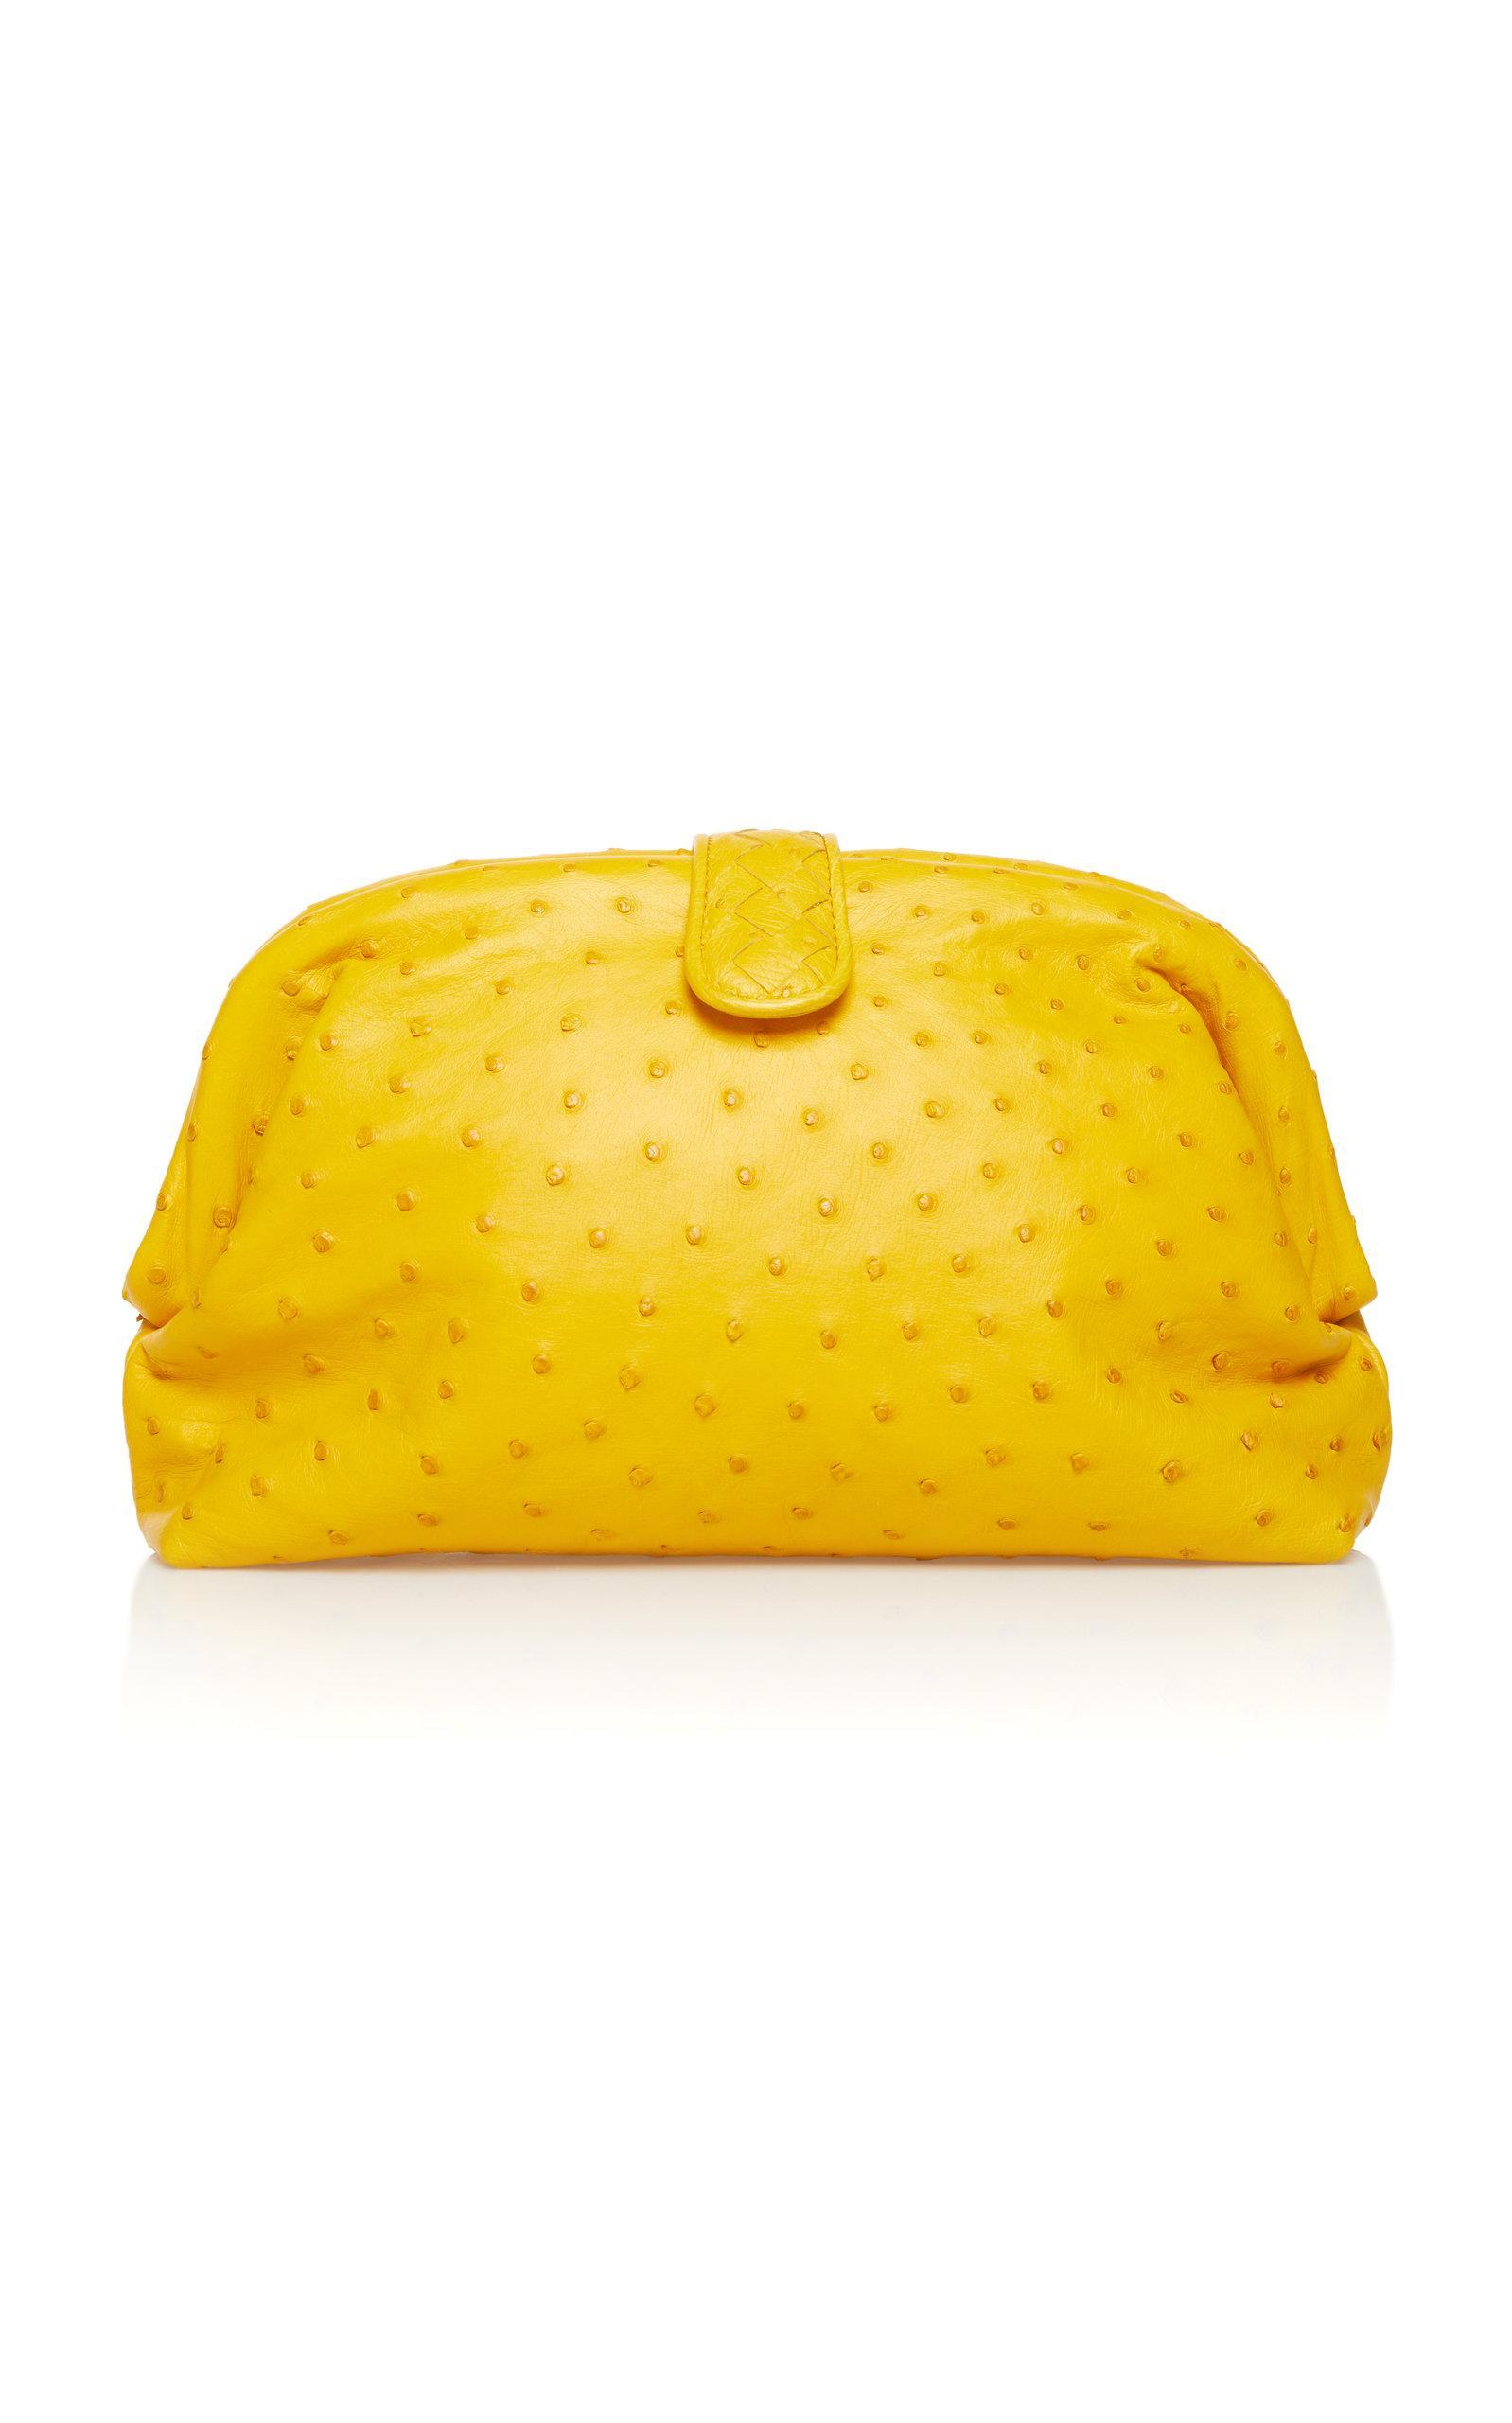 Bottega Veneta Lauren Ostrich Leather Clutch In Yellow